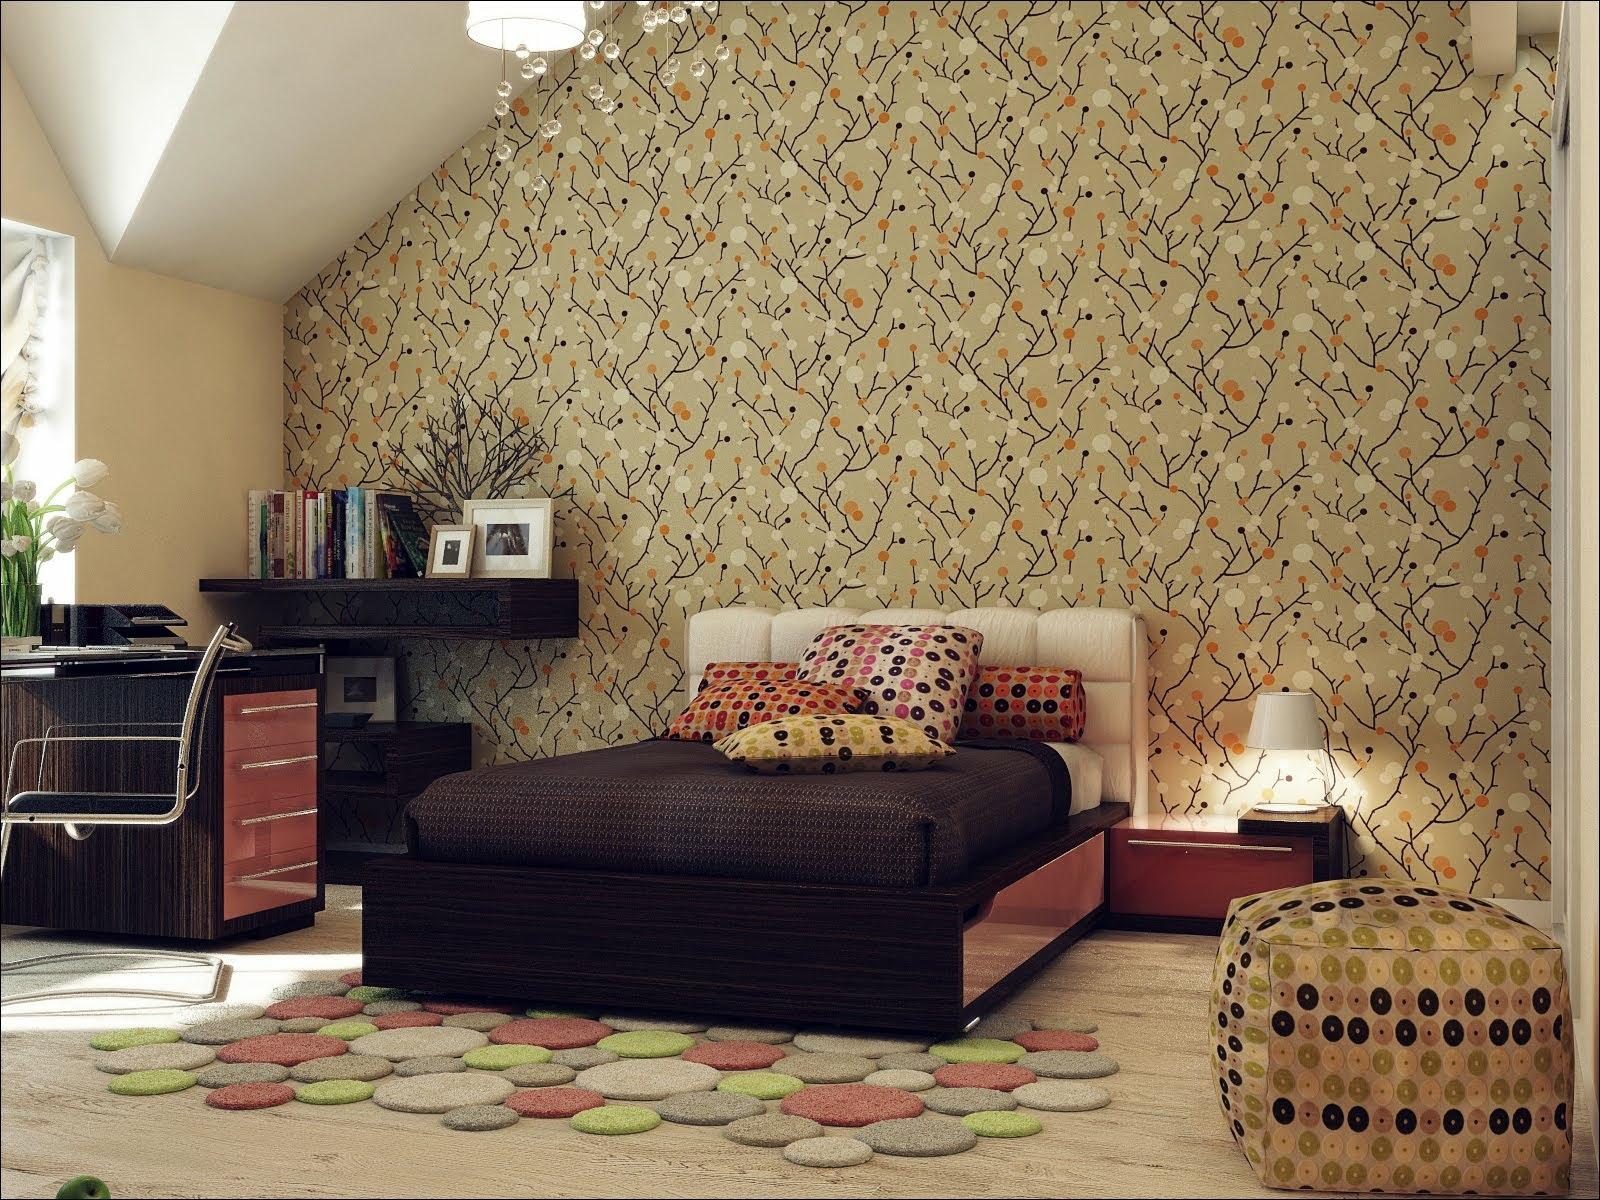 Red Black Beige Bedroom Wallpaperinterior Design Ideas